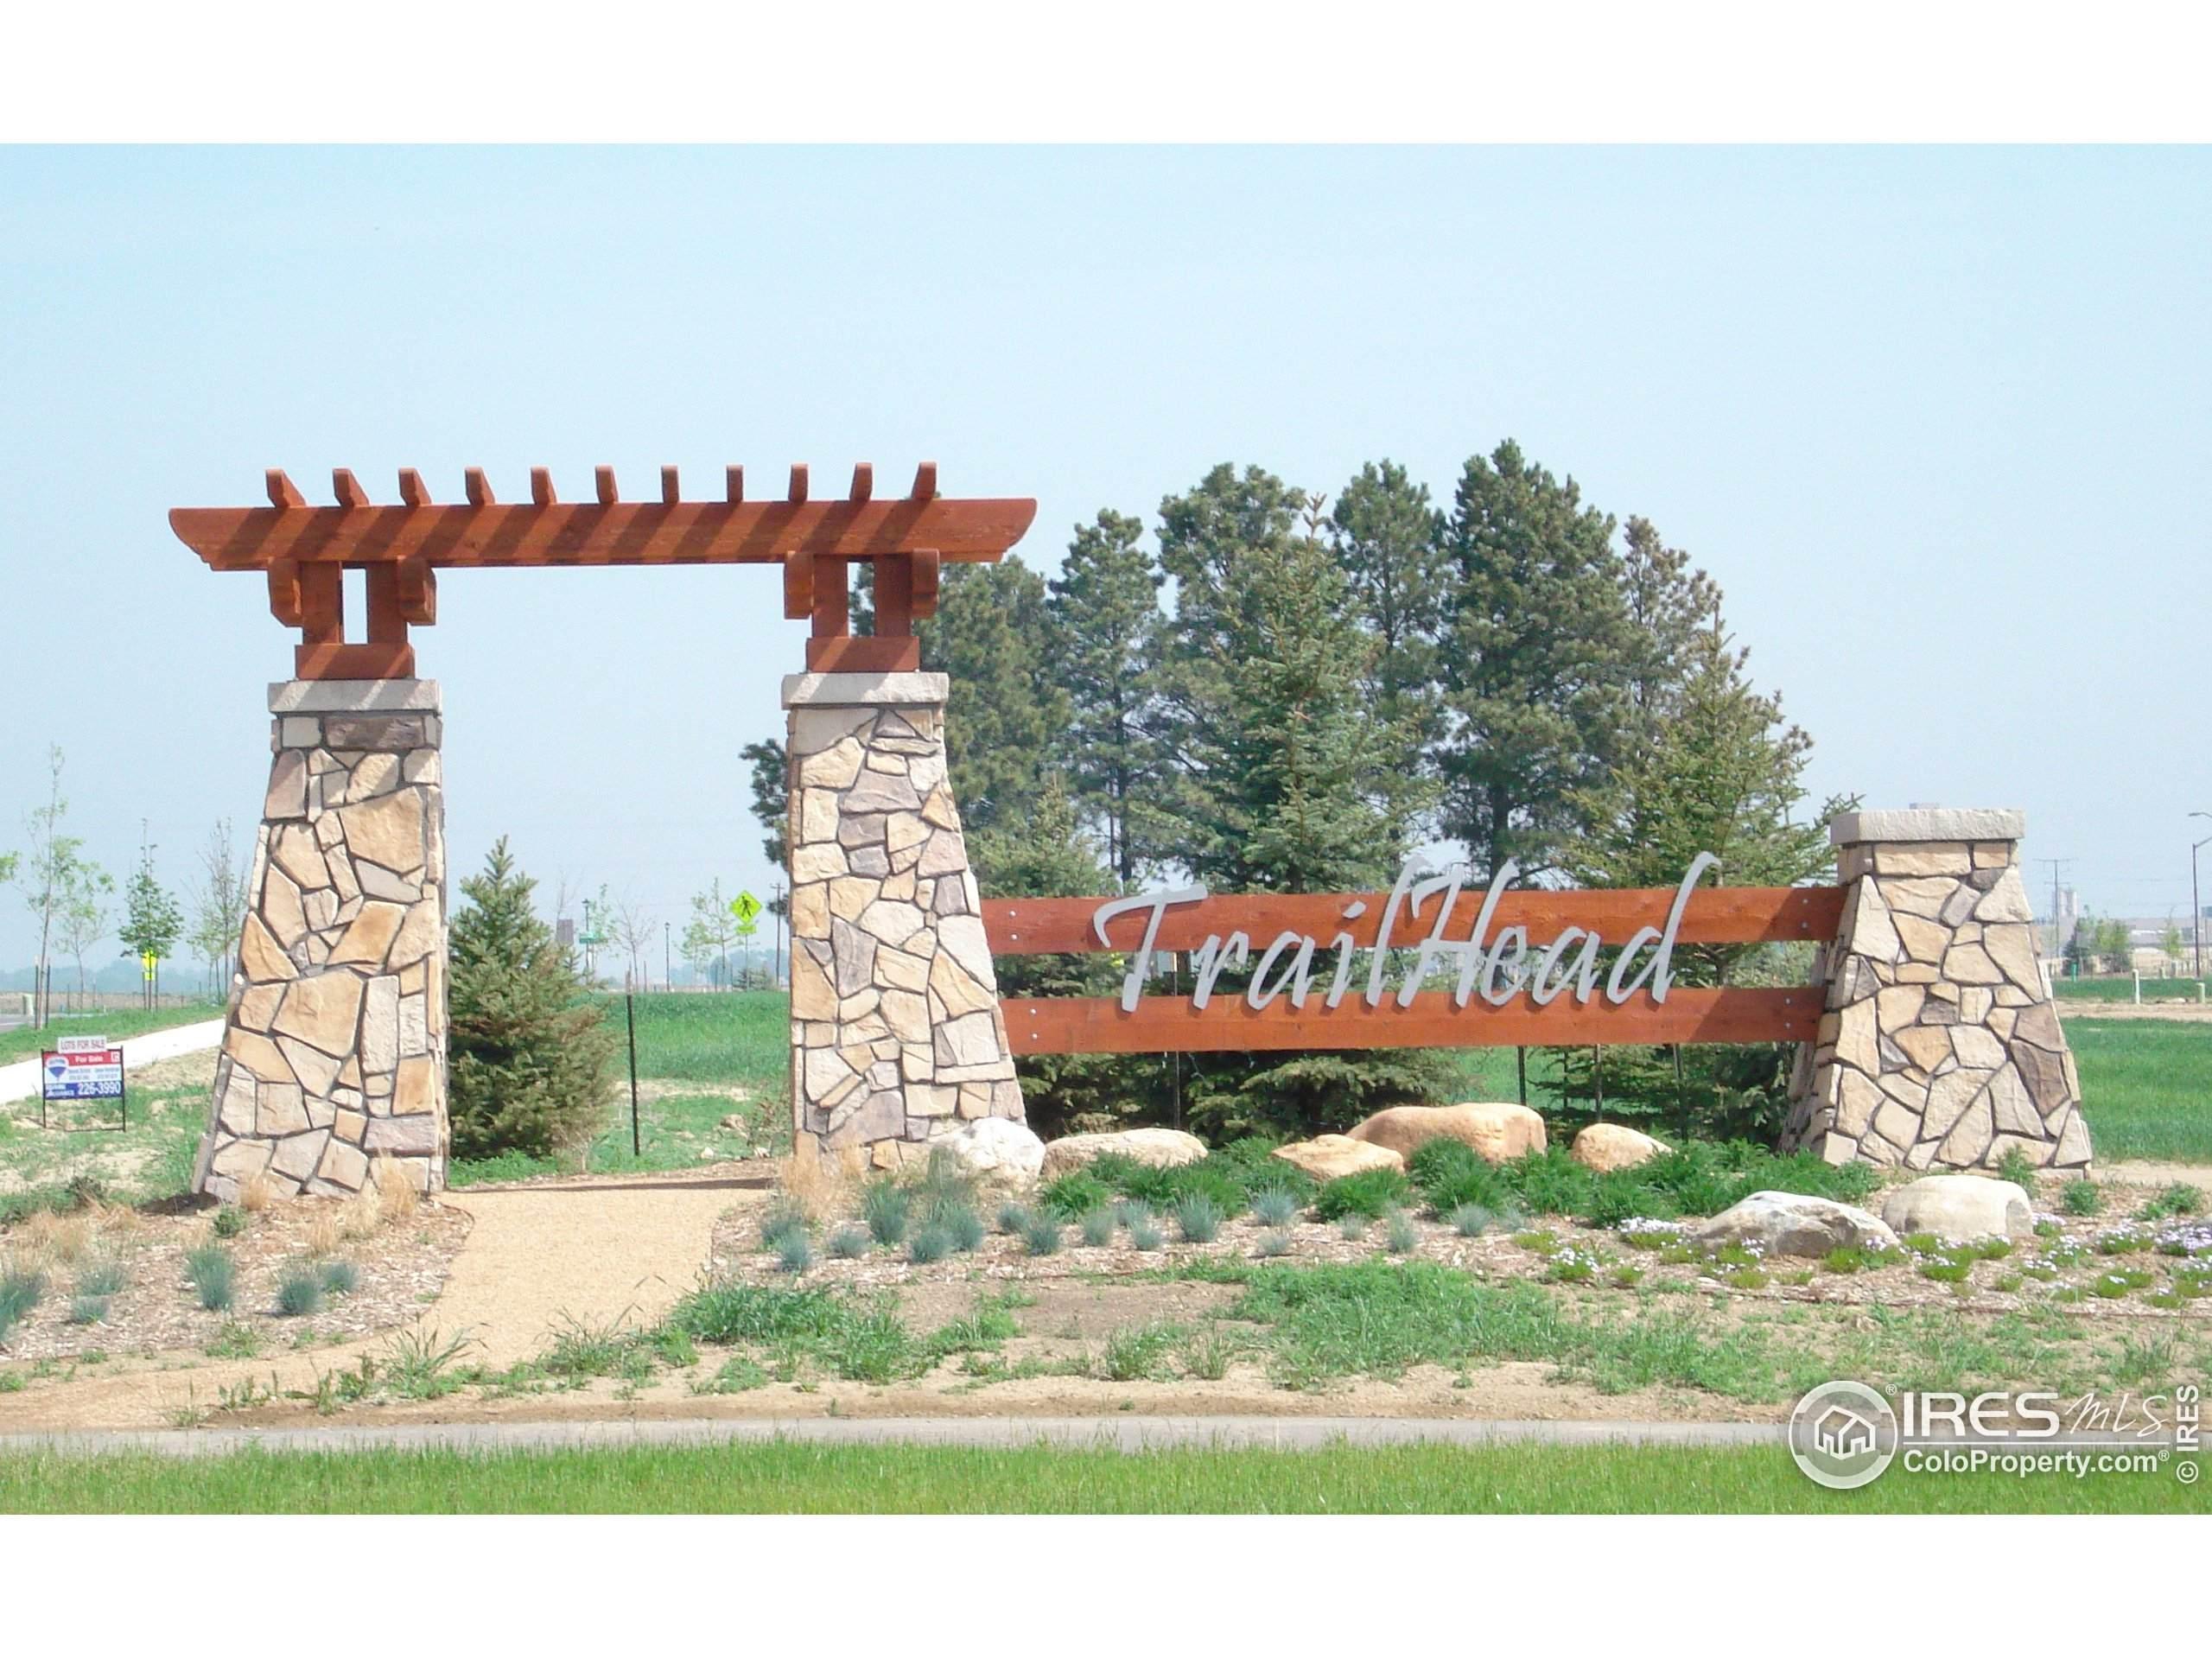 11719 Bradburn Blvd, Westminster, CO 80031 (MLS #919906) :: Hub Real Estate